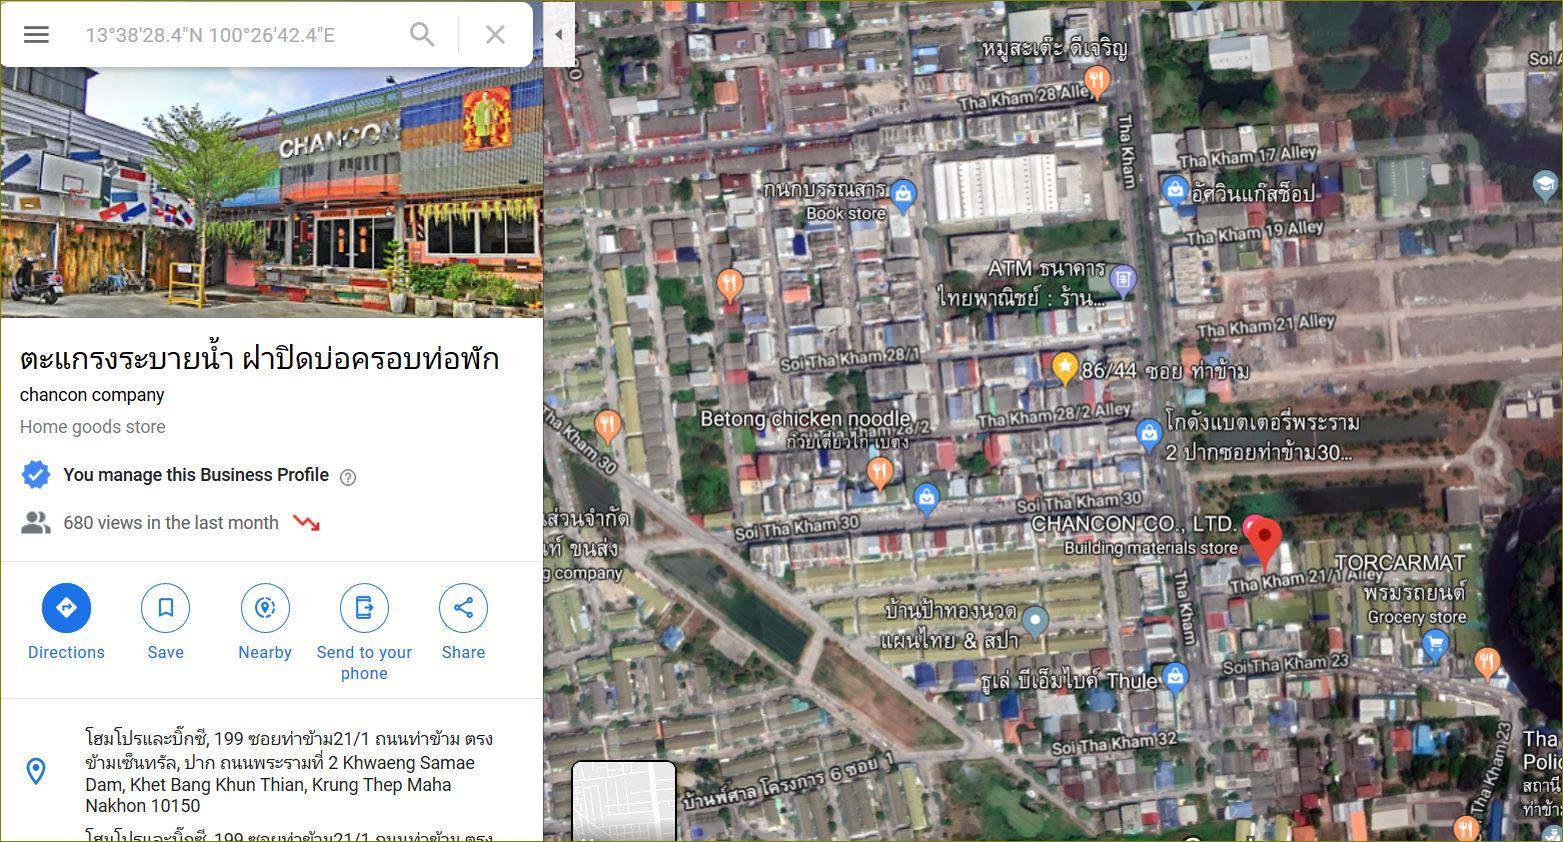 GratingThai-Chancon manhole cover Map แผนที่บริษัทแชนคอน เกรตติงไทย ตะแกรงเหล็กไฟเบอร์กล๊าสฝาปิดบ่อครอบท่อพักระบายน้ำ